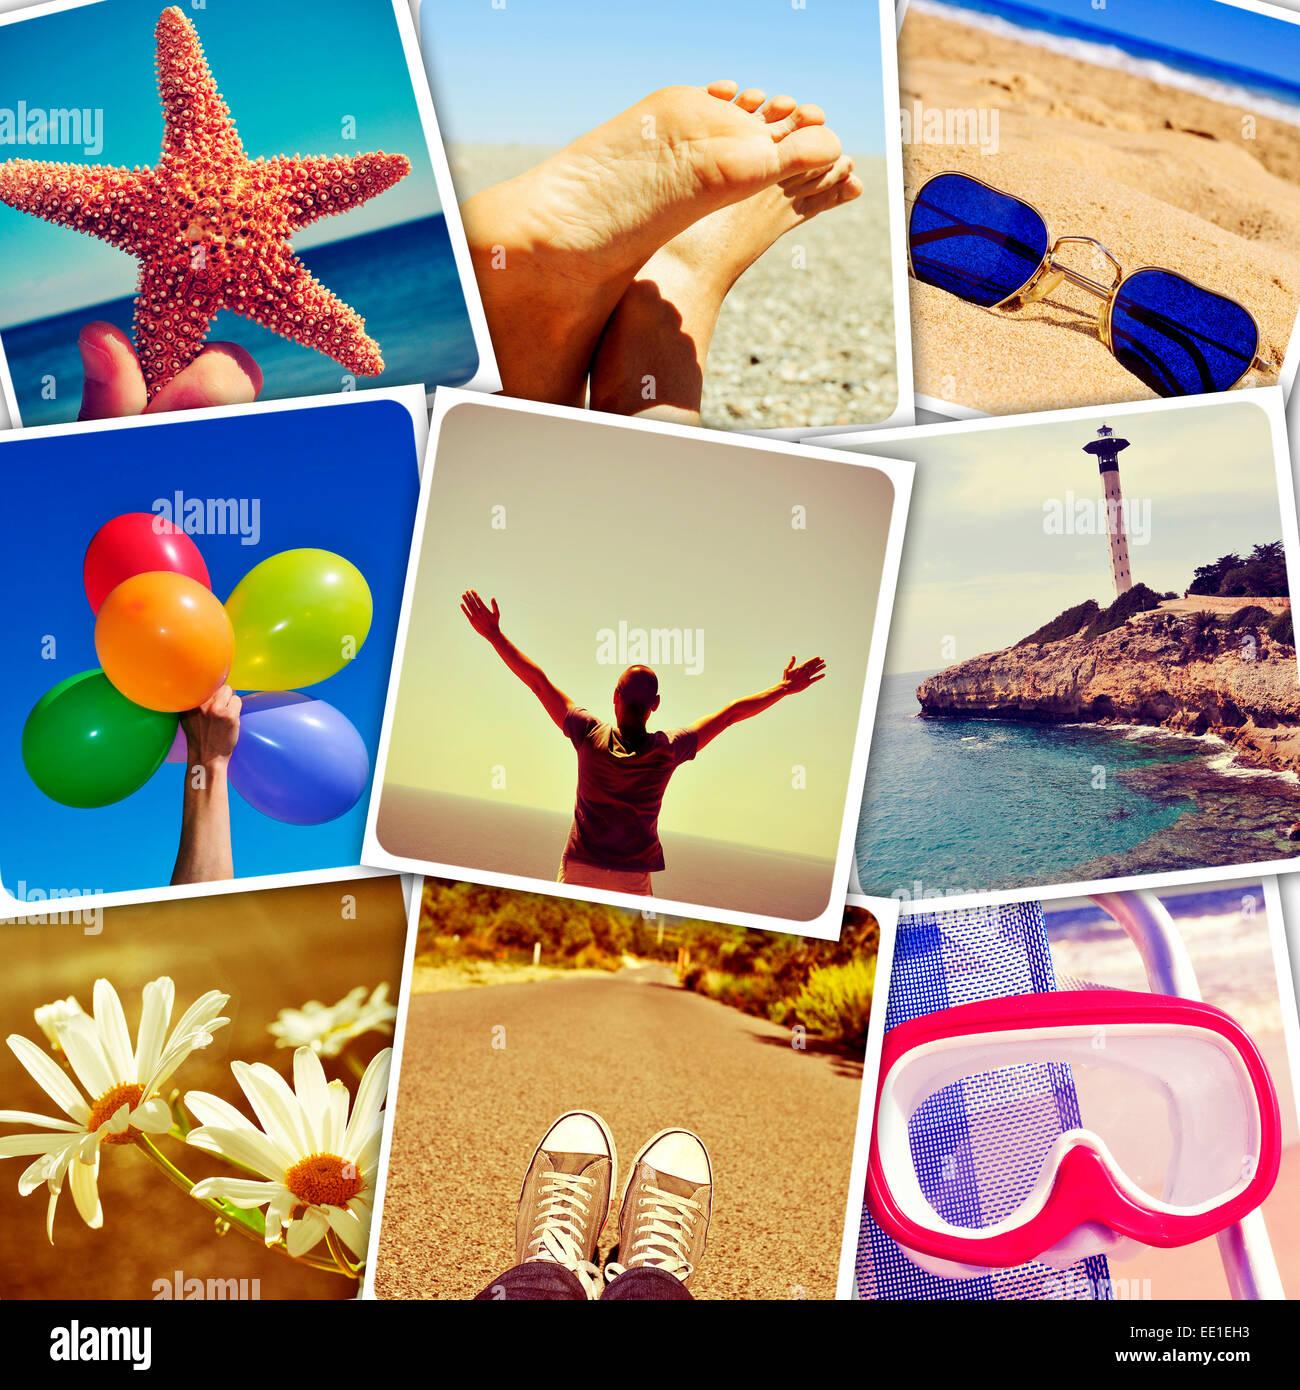 Mosaik mit Sommer Bilder, geschossen von mir simuliert eine Wand von Snapshots auf sozialen Netzwerken hochgeladen Stockbild